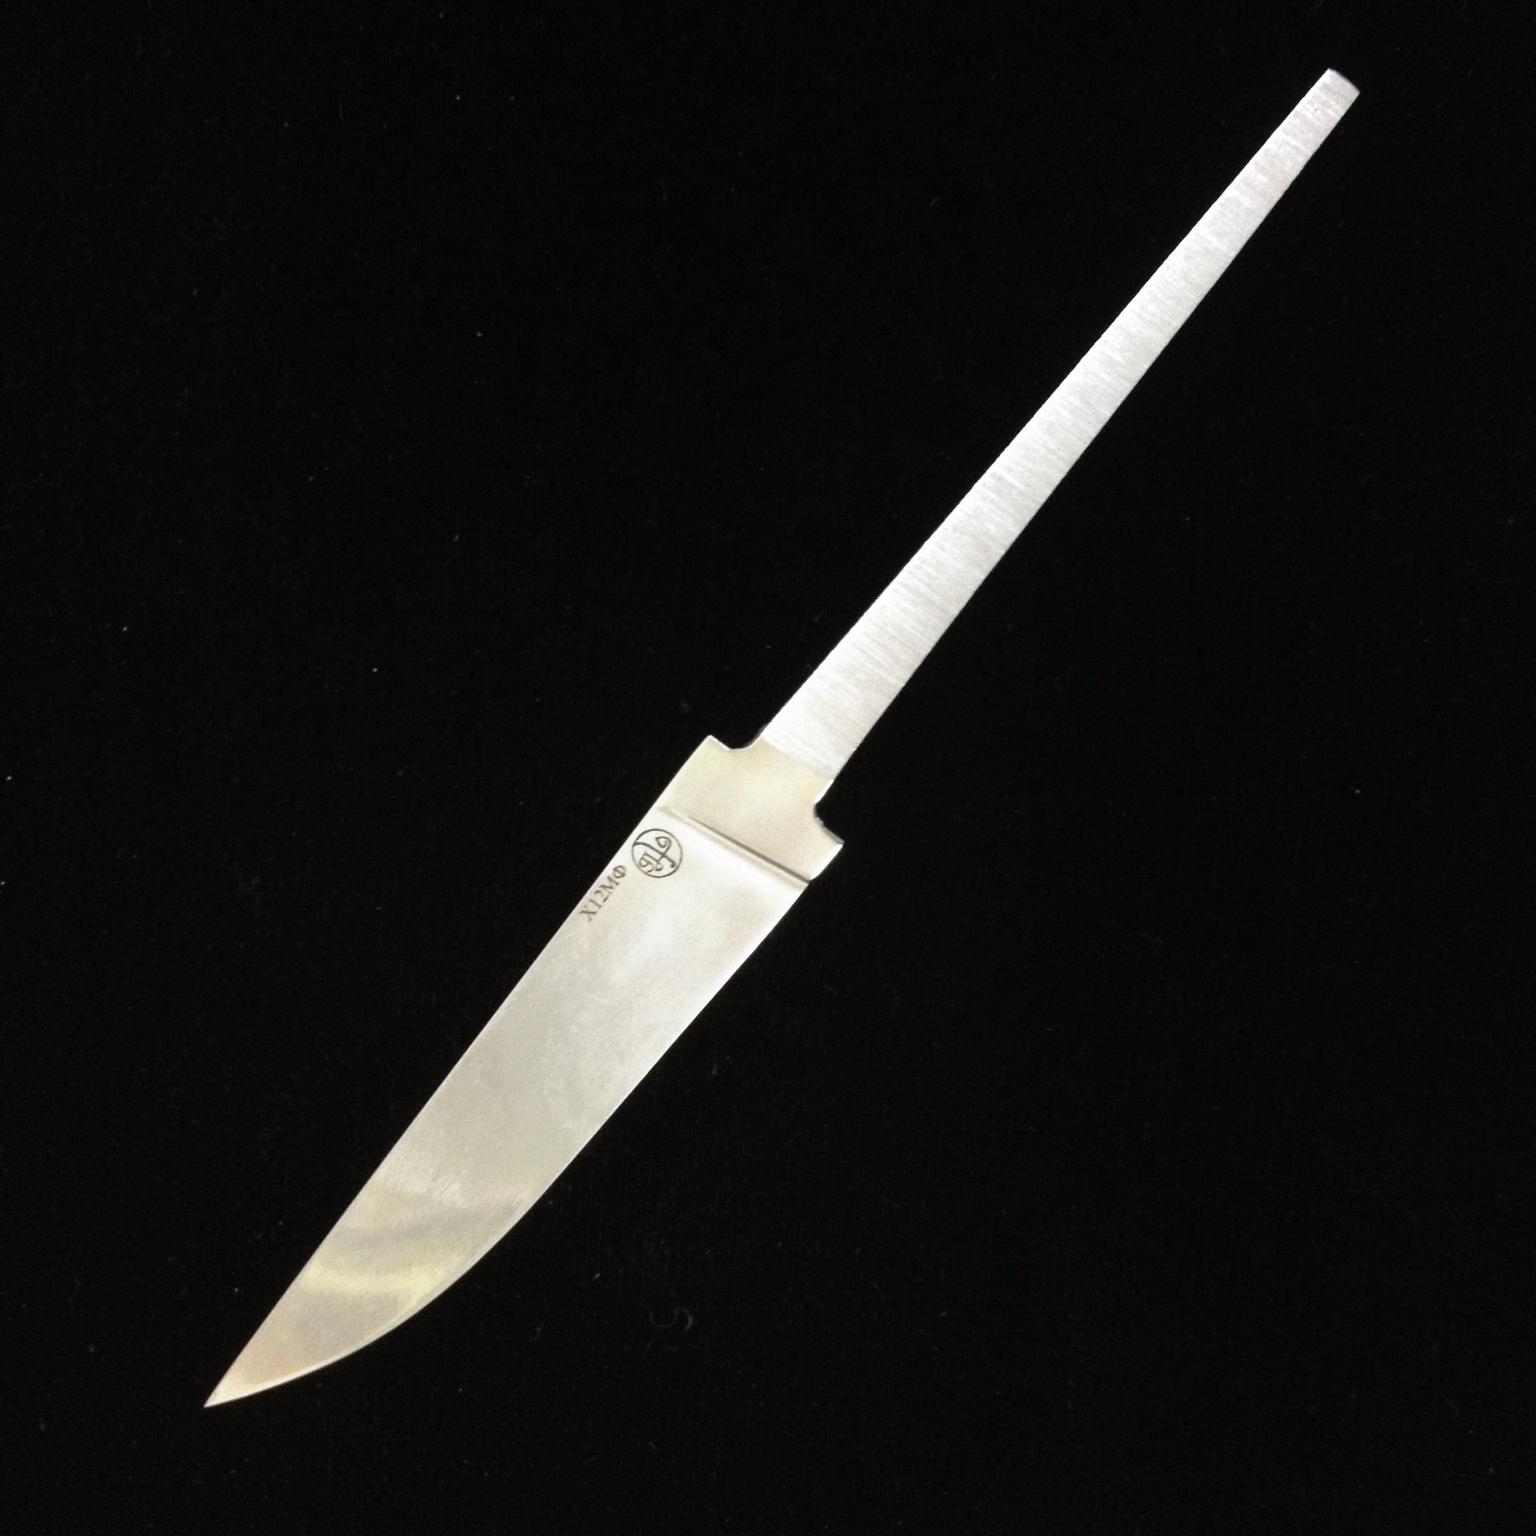 Клинок Х12МФ Андрея ПриказчиковаНожи Ворсма<br>Клинок Х12МФ Андрея Приказчикова – это образец надежного и одновременно элегантного холодного оружия. Такое изделие станет полезным, как для коллекционера необычных клинков, так и того, кто применяет ножи в практических целях. Клинок Приказчикова Х12МФ цельнометаллический имеет длину 118 мм при длине хвостовика 92 мм, а твердость его стали составляет 60-61.Спешите купить клинок для ножа из кованой стали Х12МФ в Москве, дополните его понравившейся рукоятью, и Вы получите стильный и абсолютно надежный нож.<br>